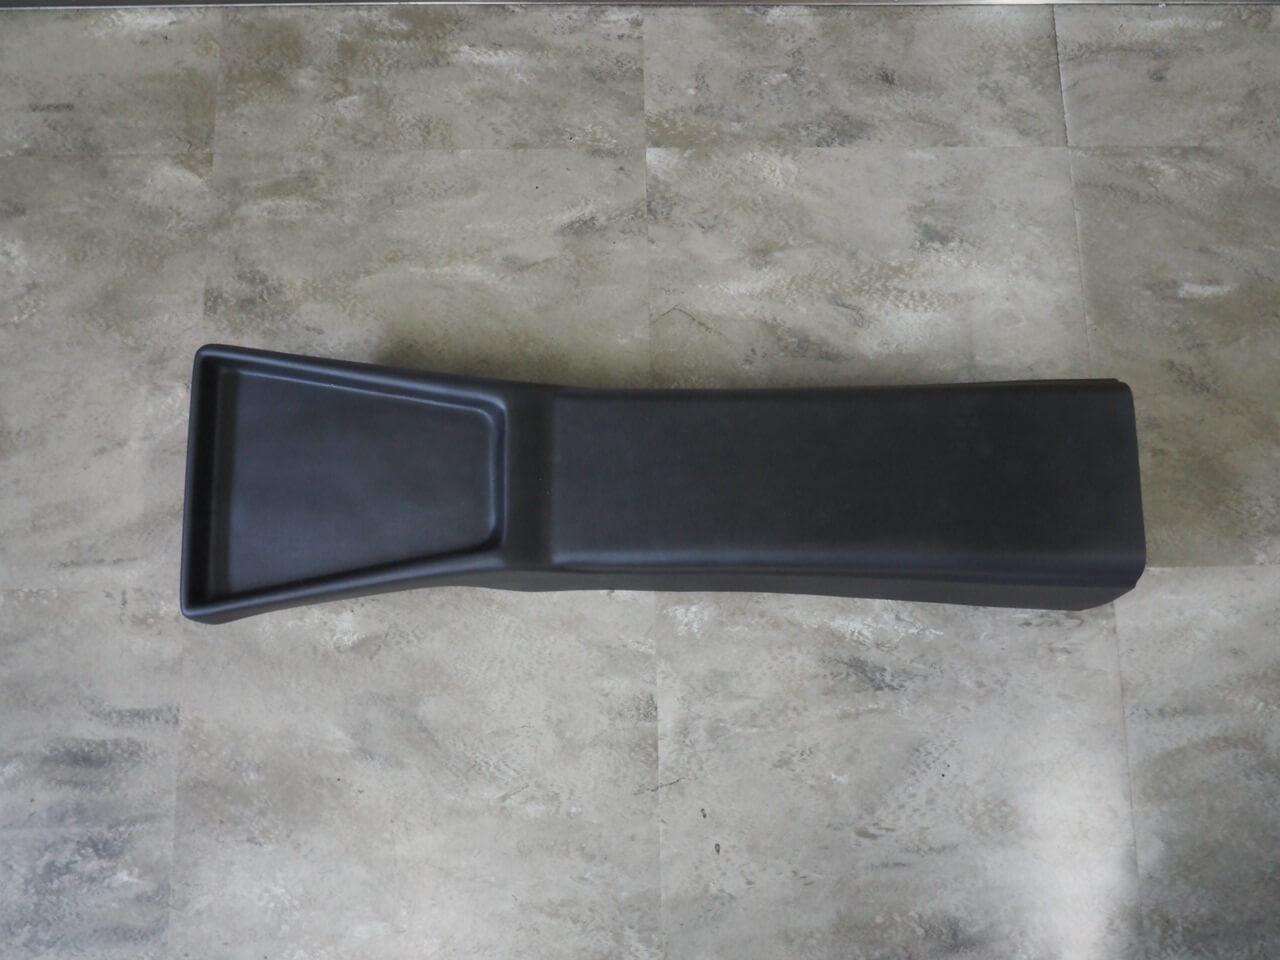 PAR-380_CL